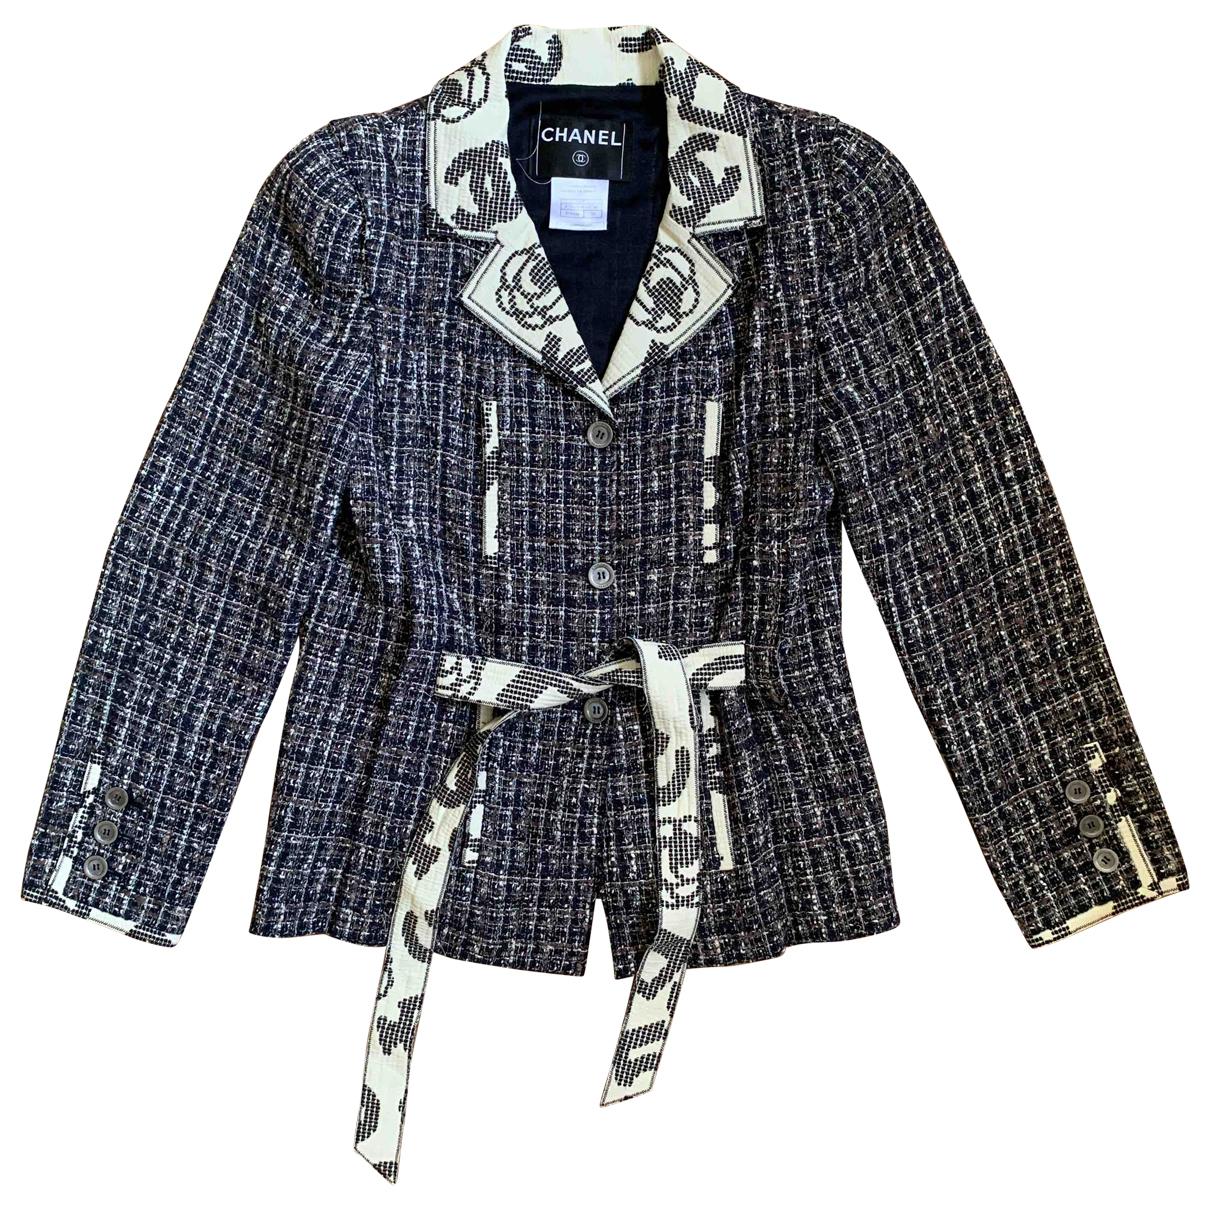 Chanel - Veste   pour femme en coton - multicolore